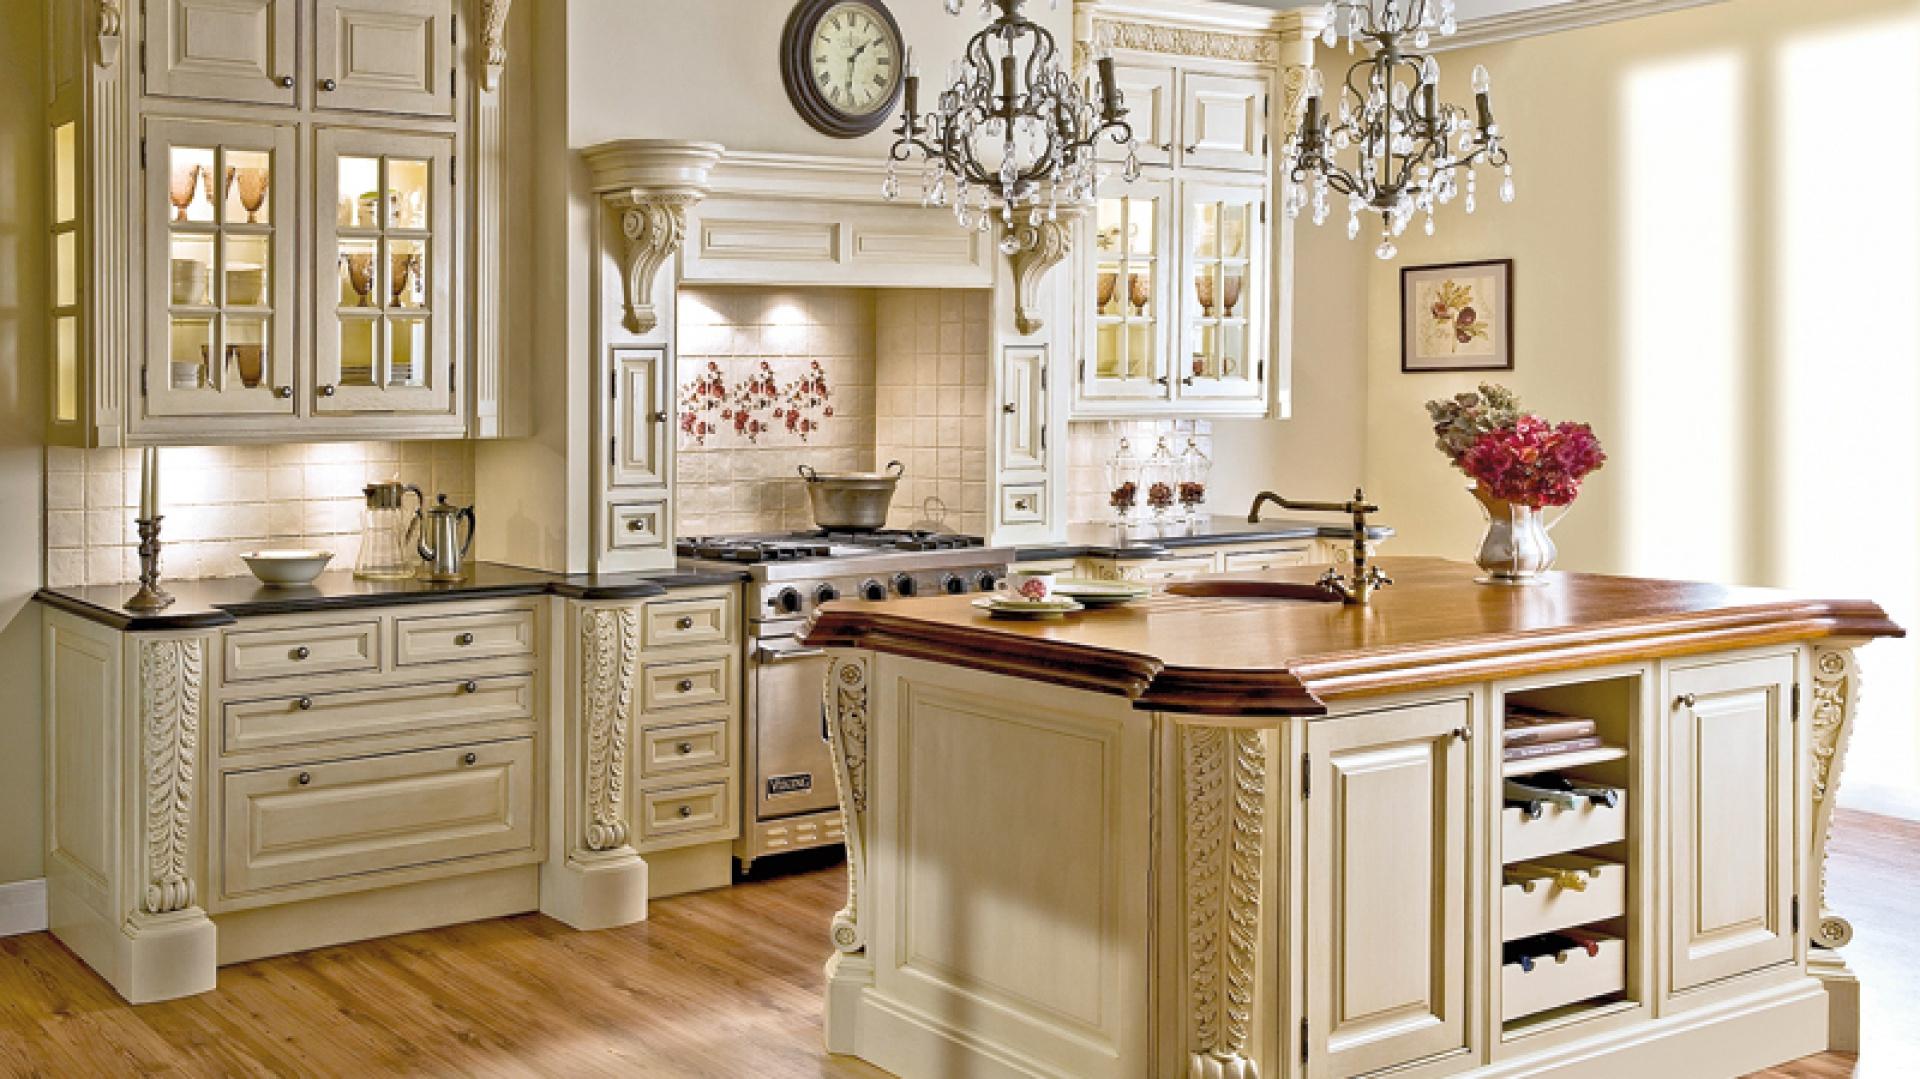 Meble kuchenne -> Kuchnia Meble Ceny